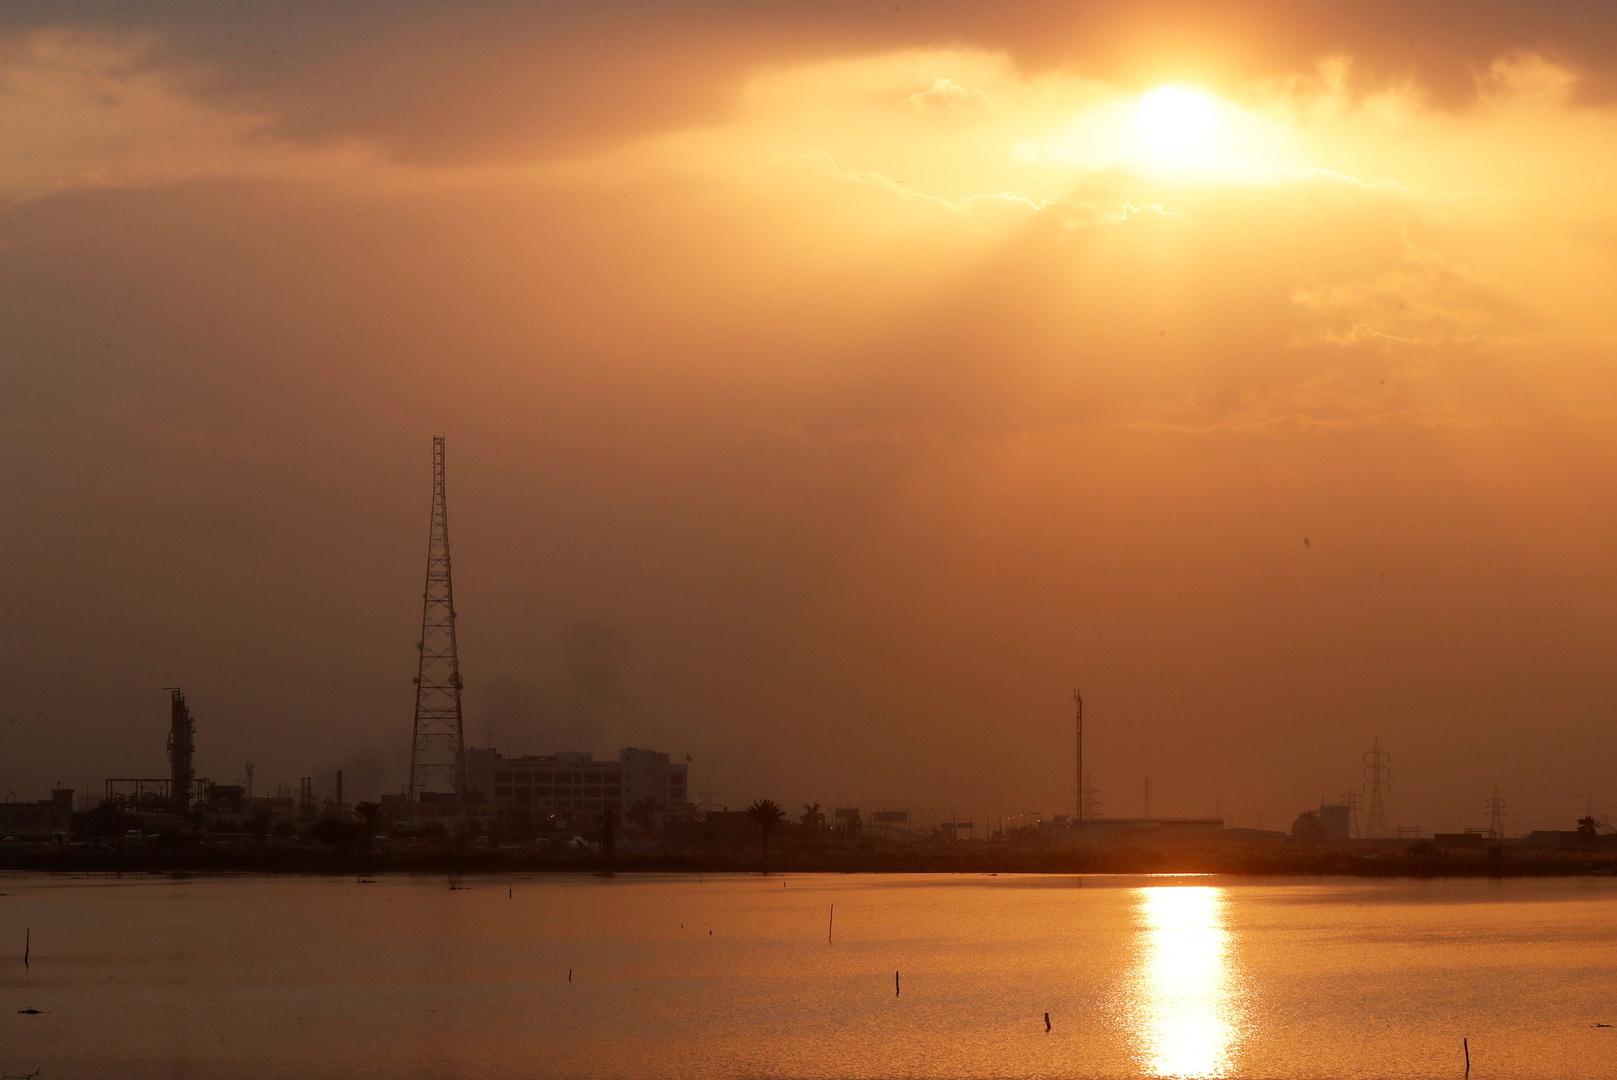 مصر.. تحذير جديد للمواطنين من الطقس بعد موجة حرارة شديدة